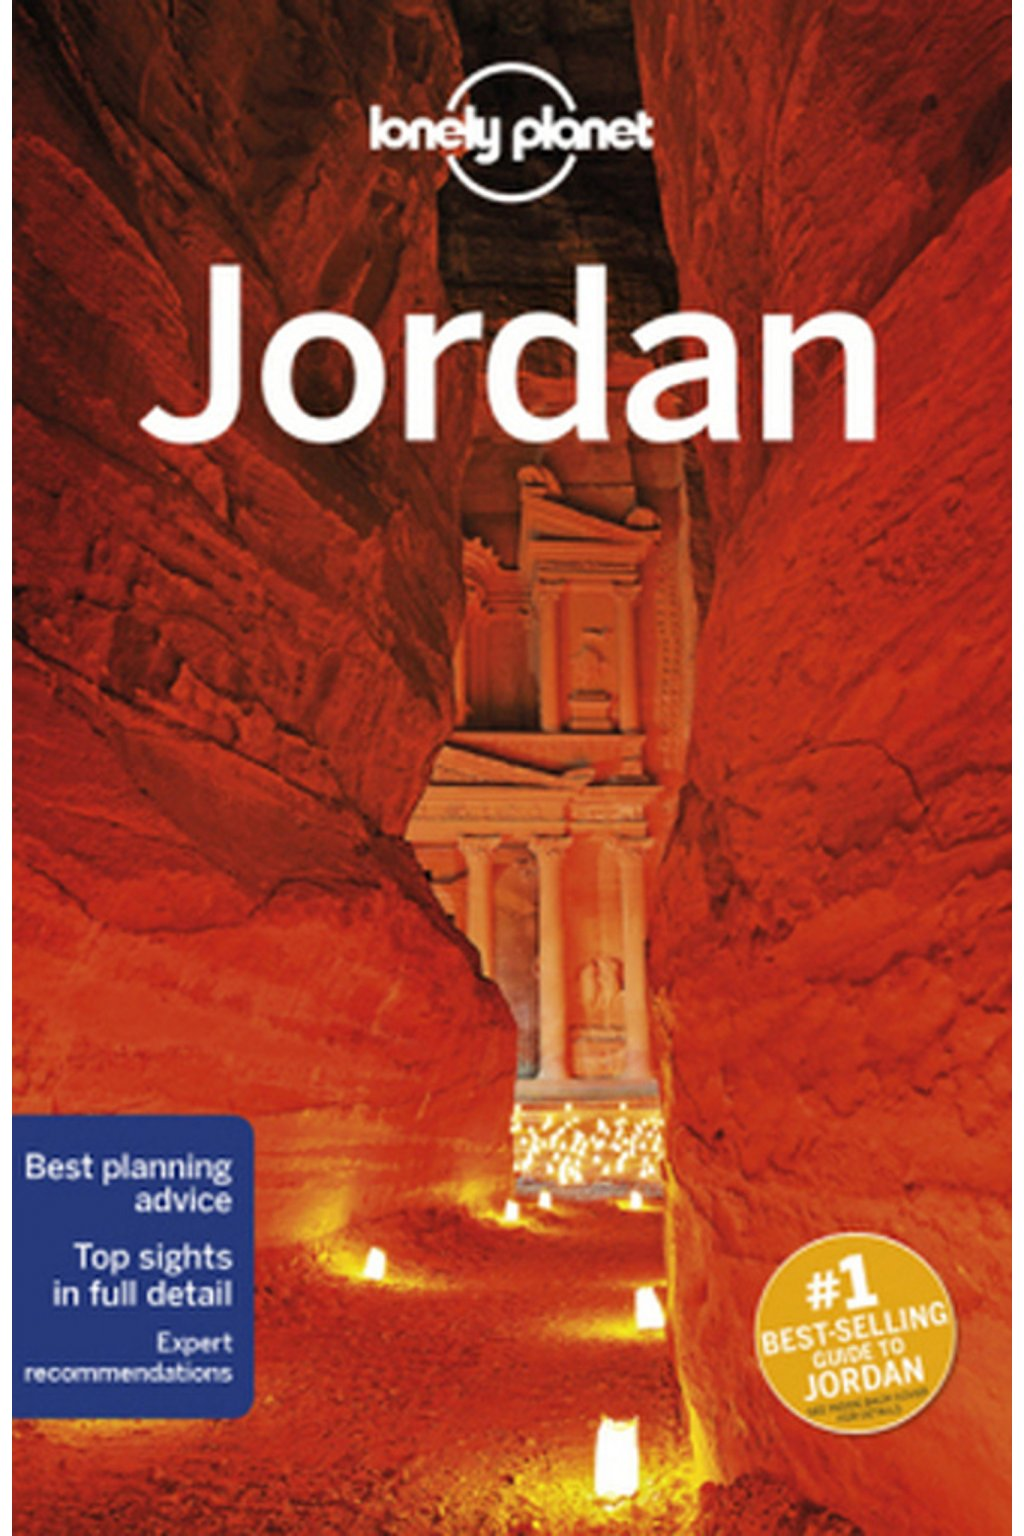 55424 Jordan 10 9781786575753 správná obálka